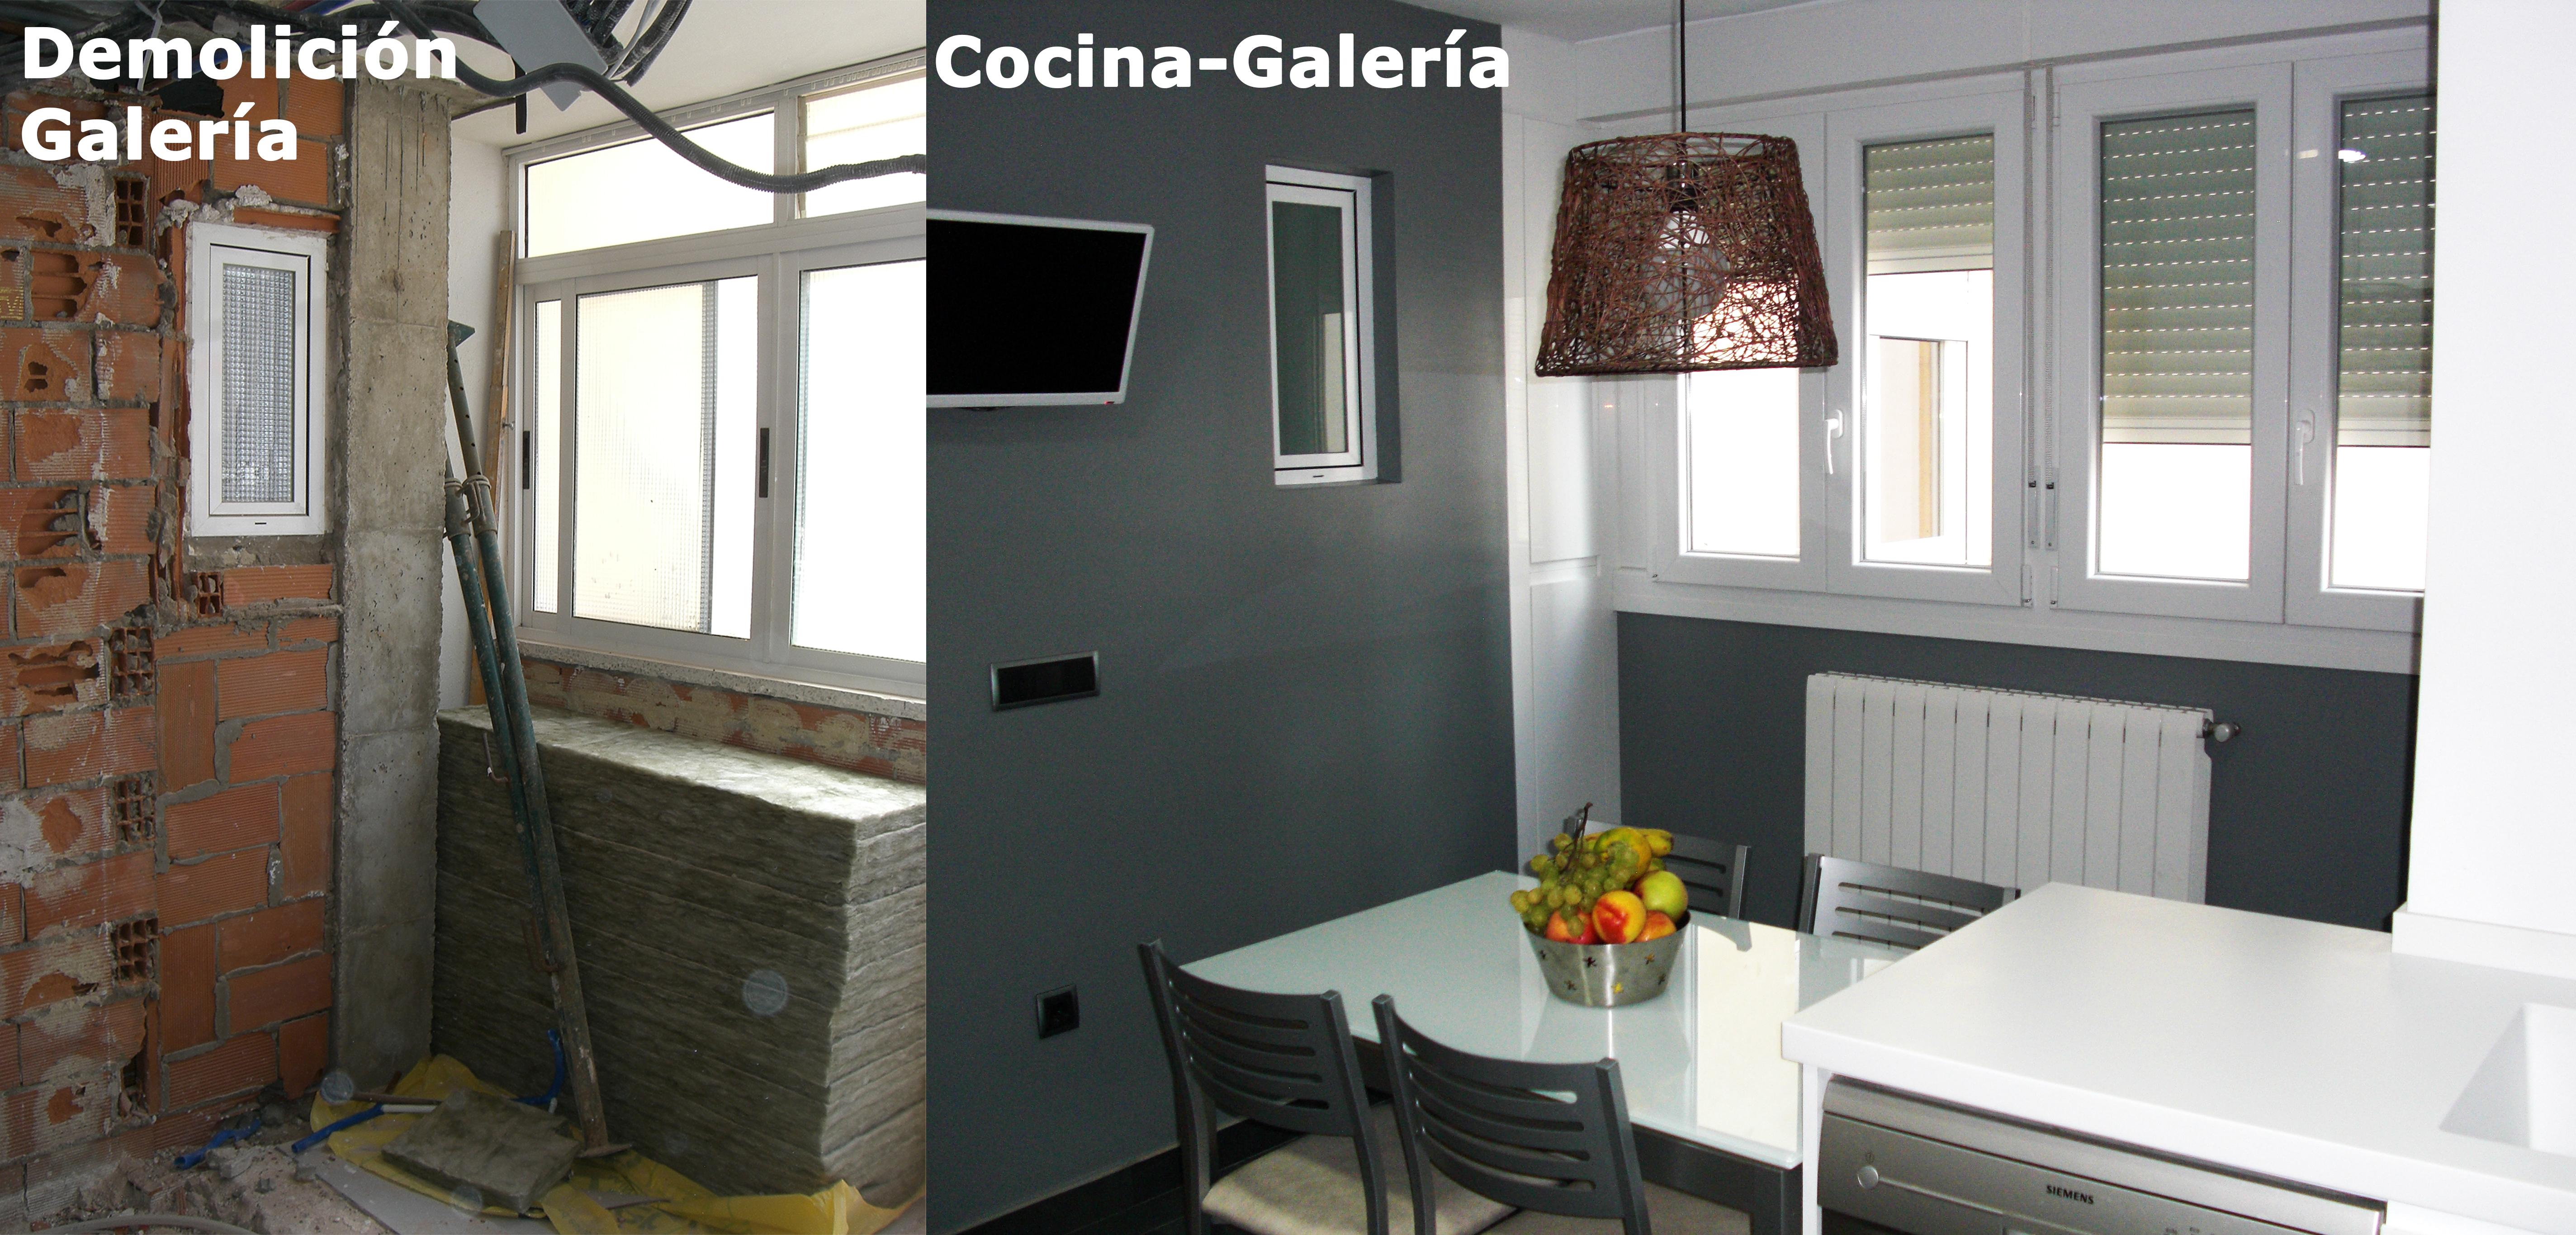 Antes y despu s de cocina y galer a reformada lm ingecon for Como renovar una cocina sin obras